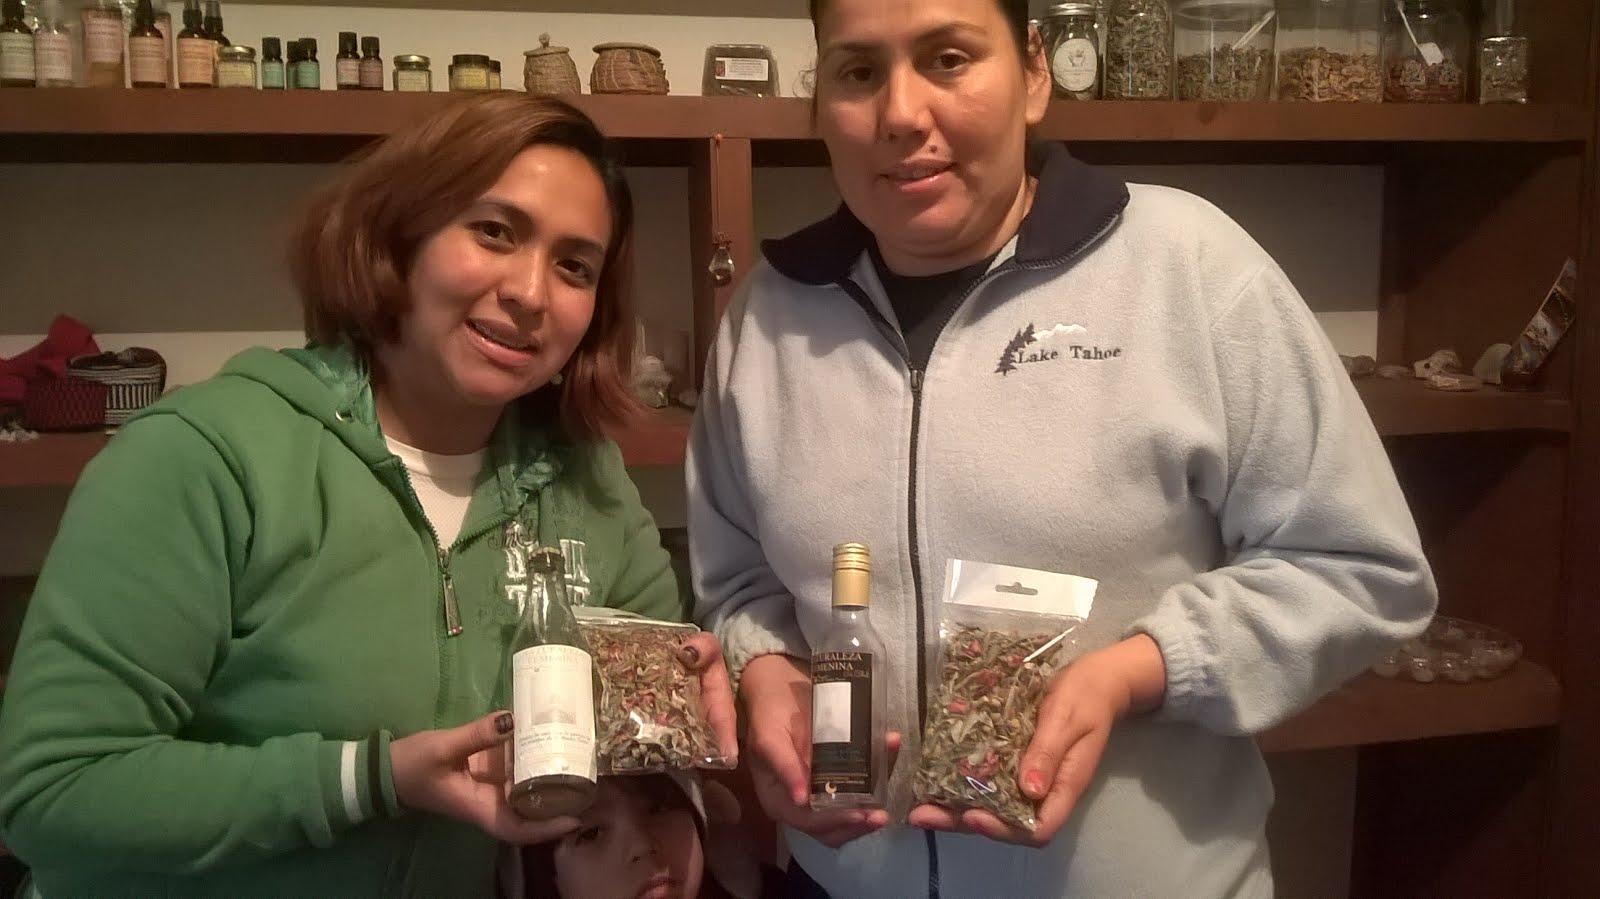 """Nuestras amigas con sus """"Tes mágicos""""  diciembre 2015!"""